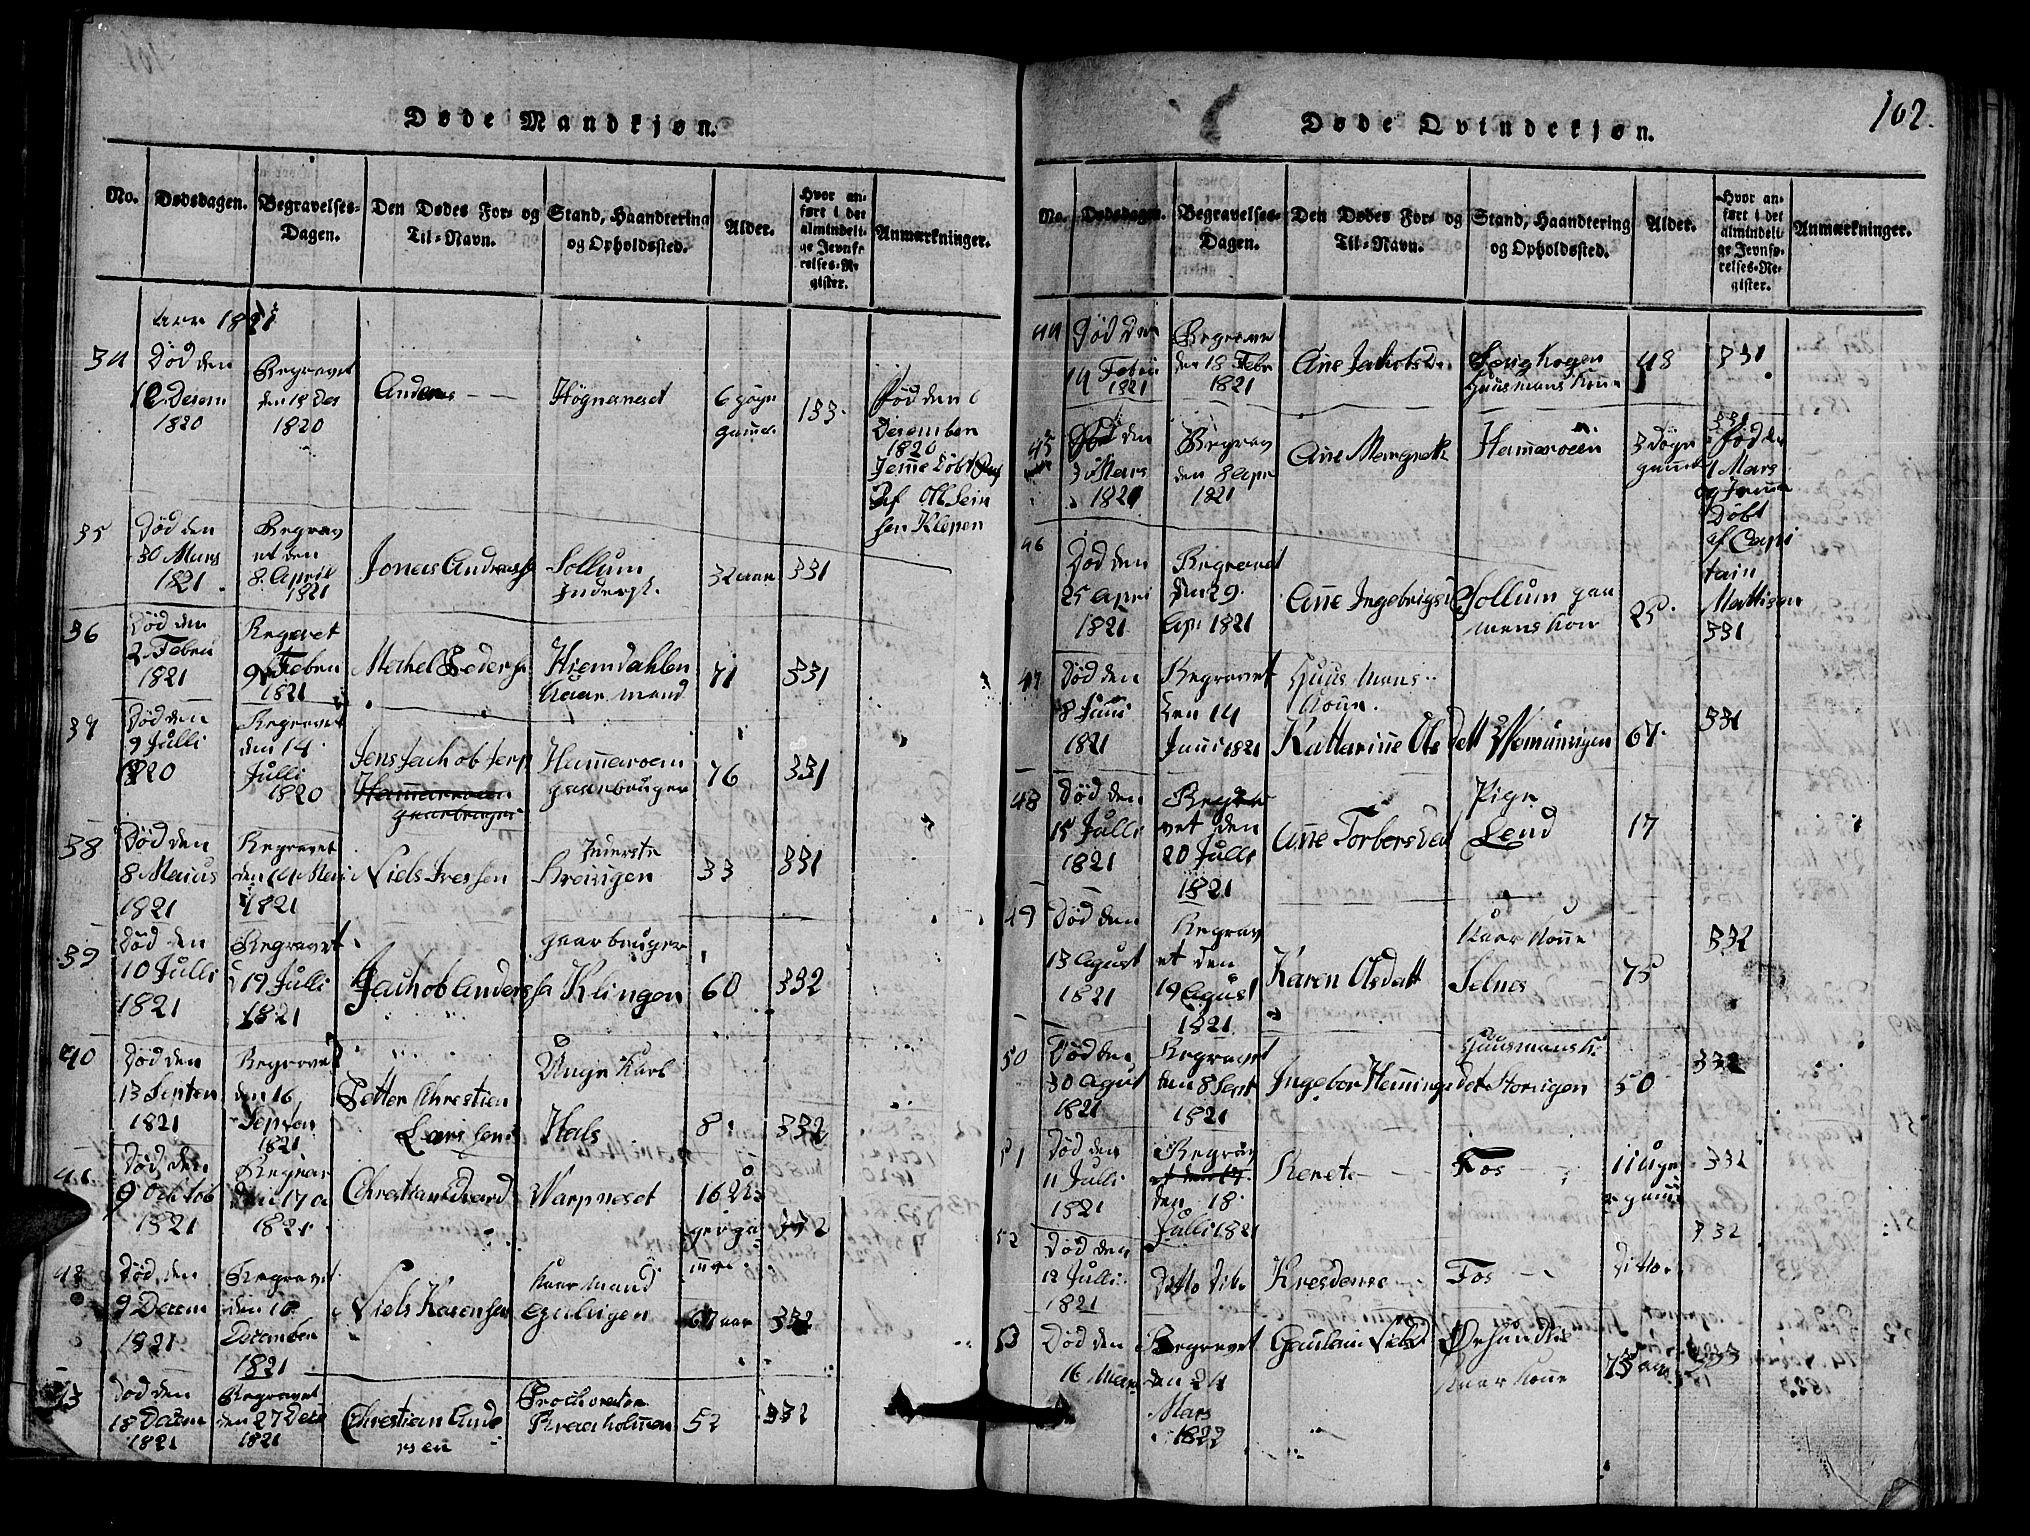 SAT, Ministerialprotokoller, klokkerbøker og fødselsregistre - Nord-Trøndelag, 770/L0590: Klokkerbok nr. 770C01, 1815-1824, s. 102